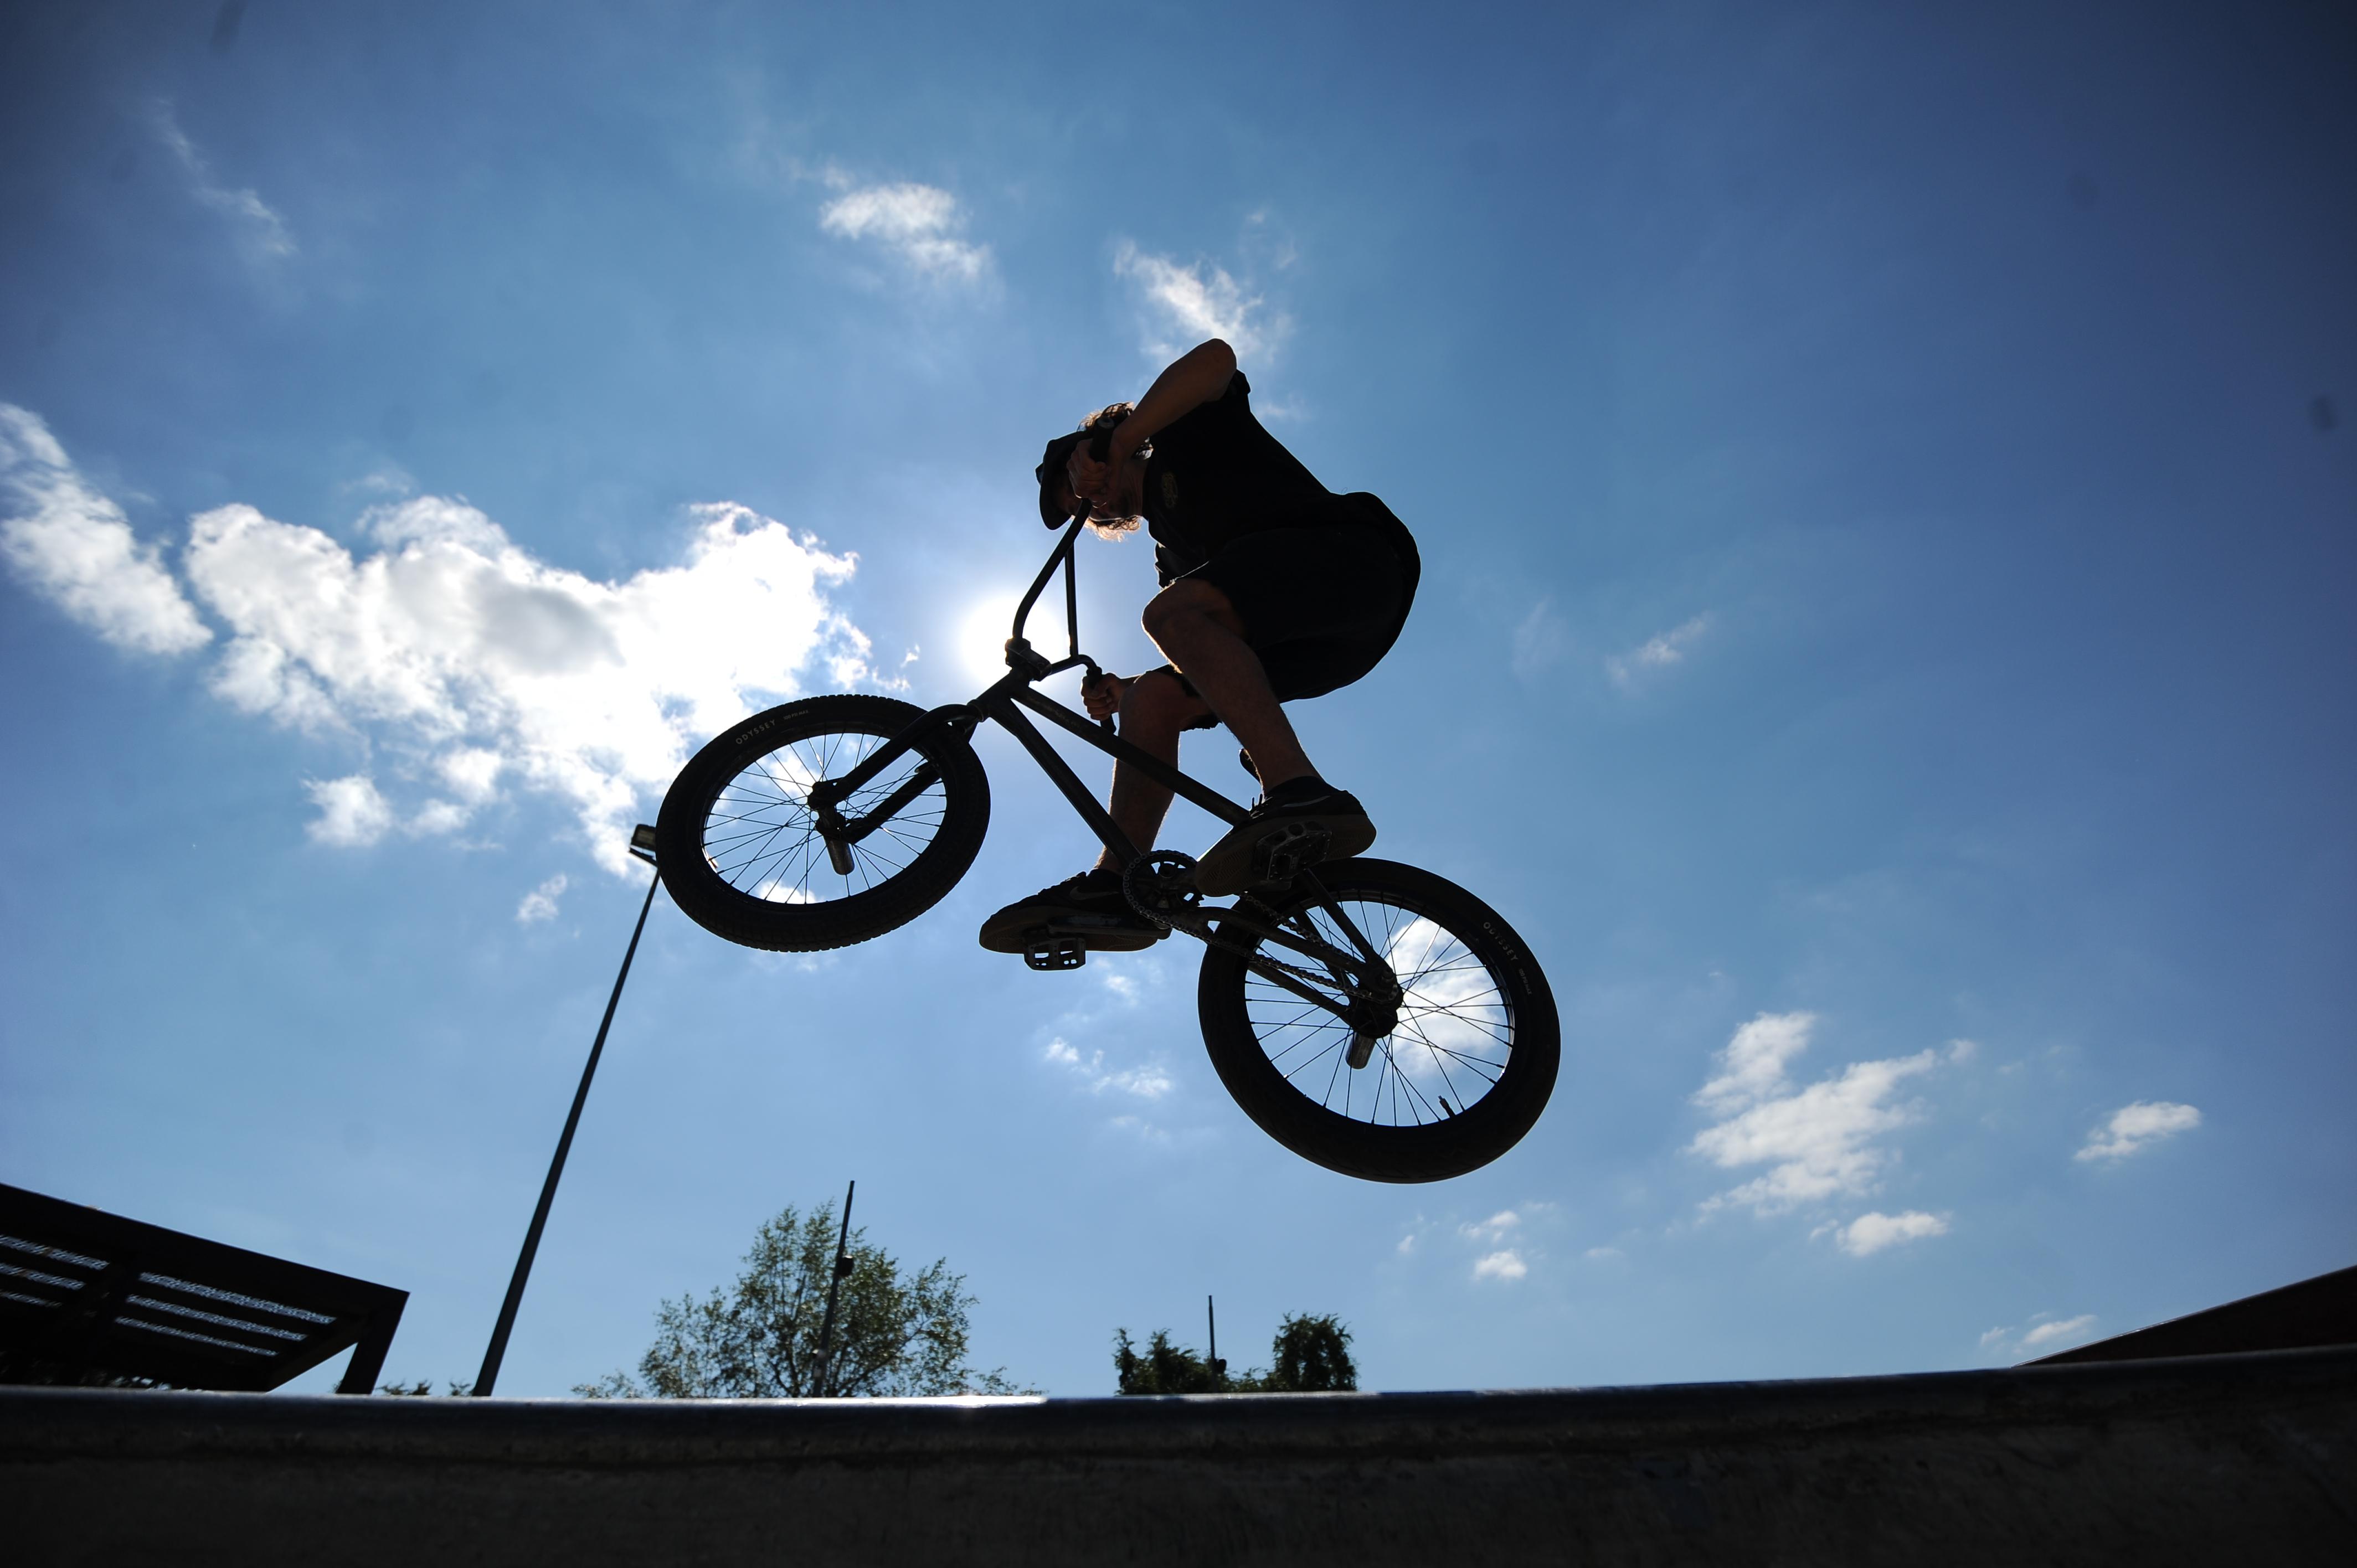 Открытые соревнования по велоспорту BMX состоятся в Красной Пахре